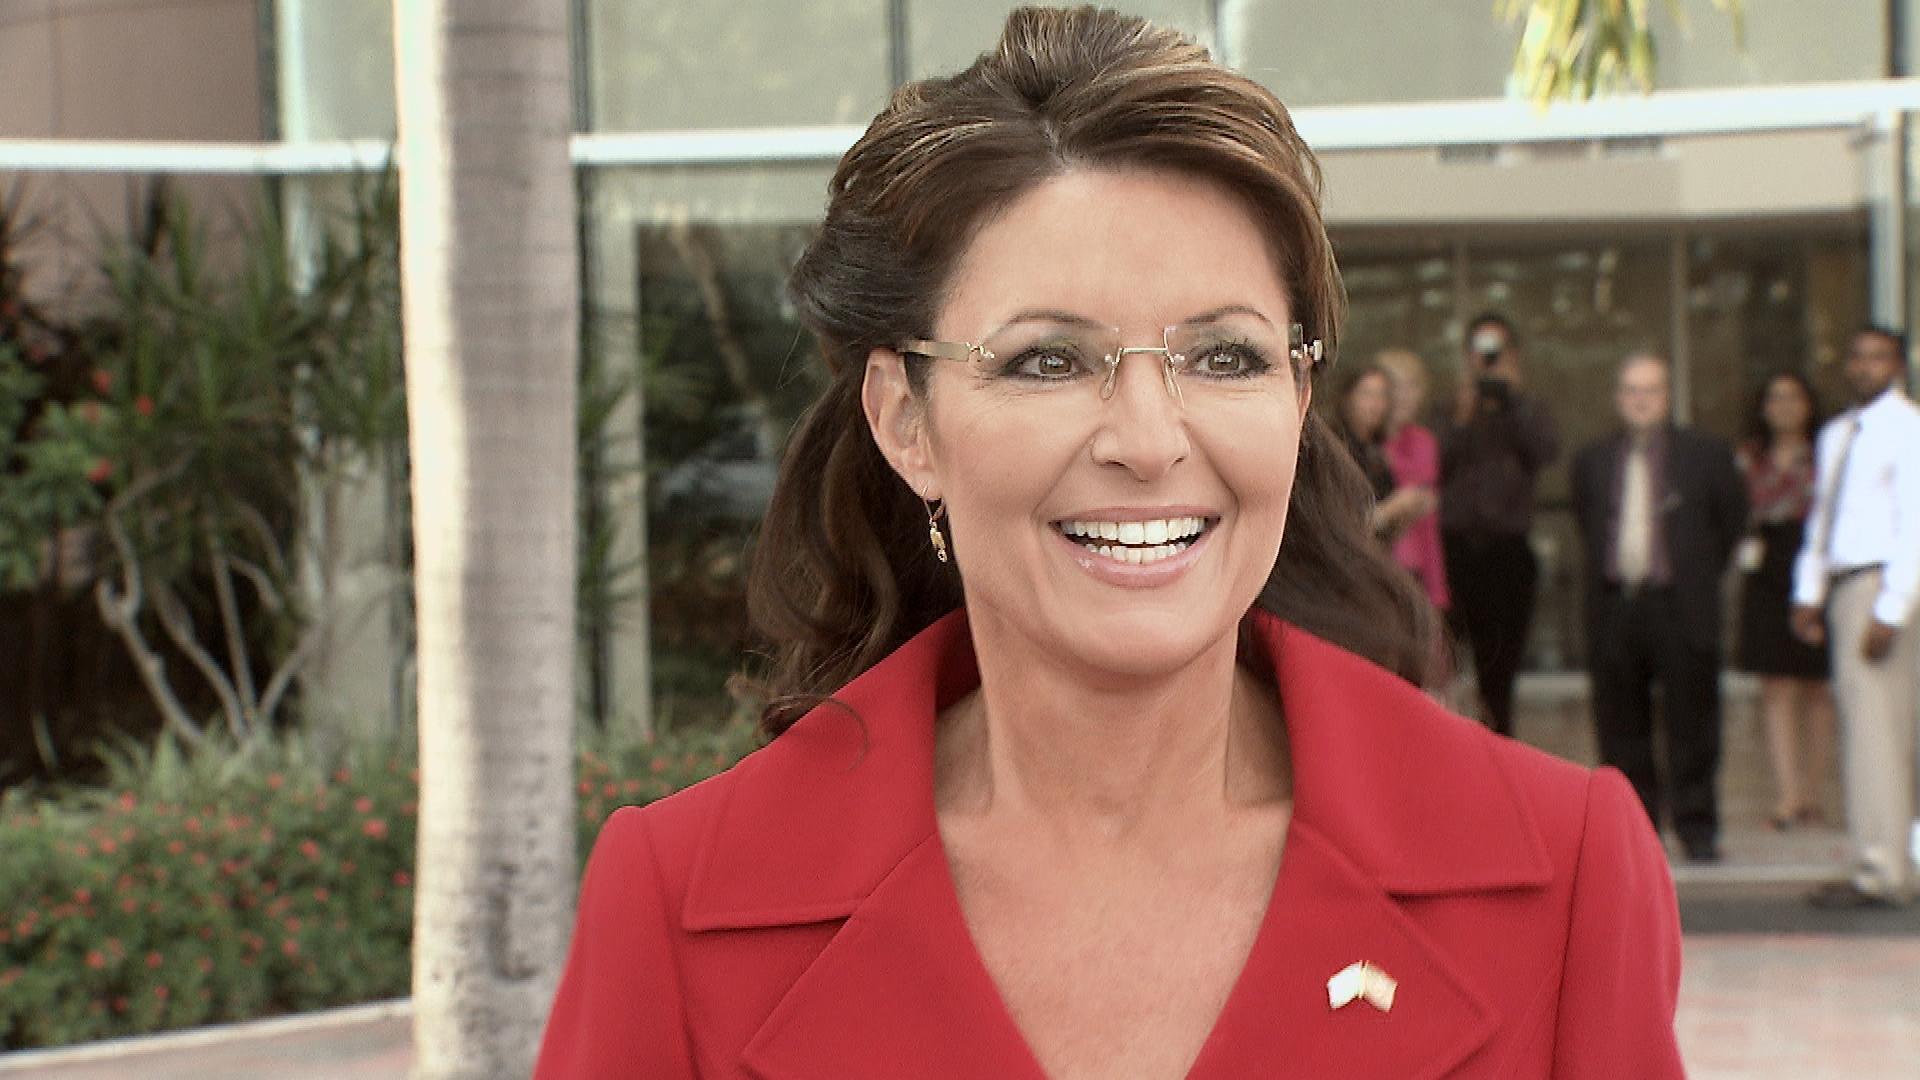 Sarah-Palin-Visits-South- ... HD Wallpaper